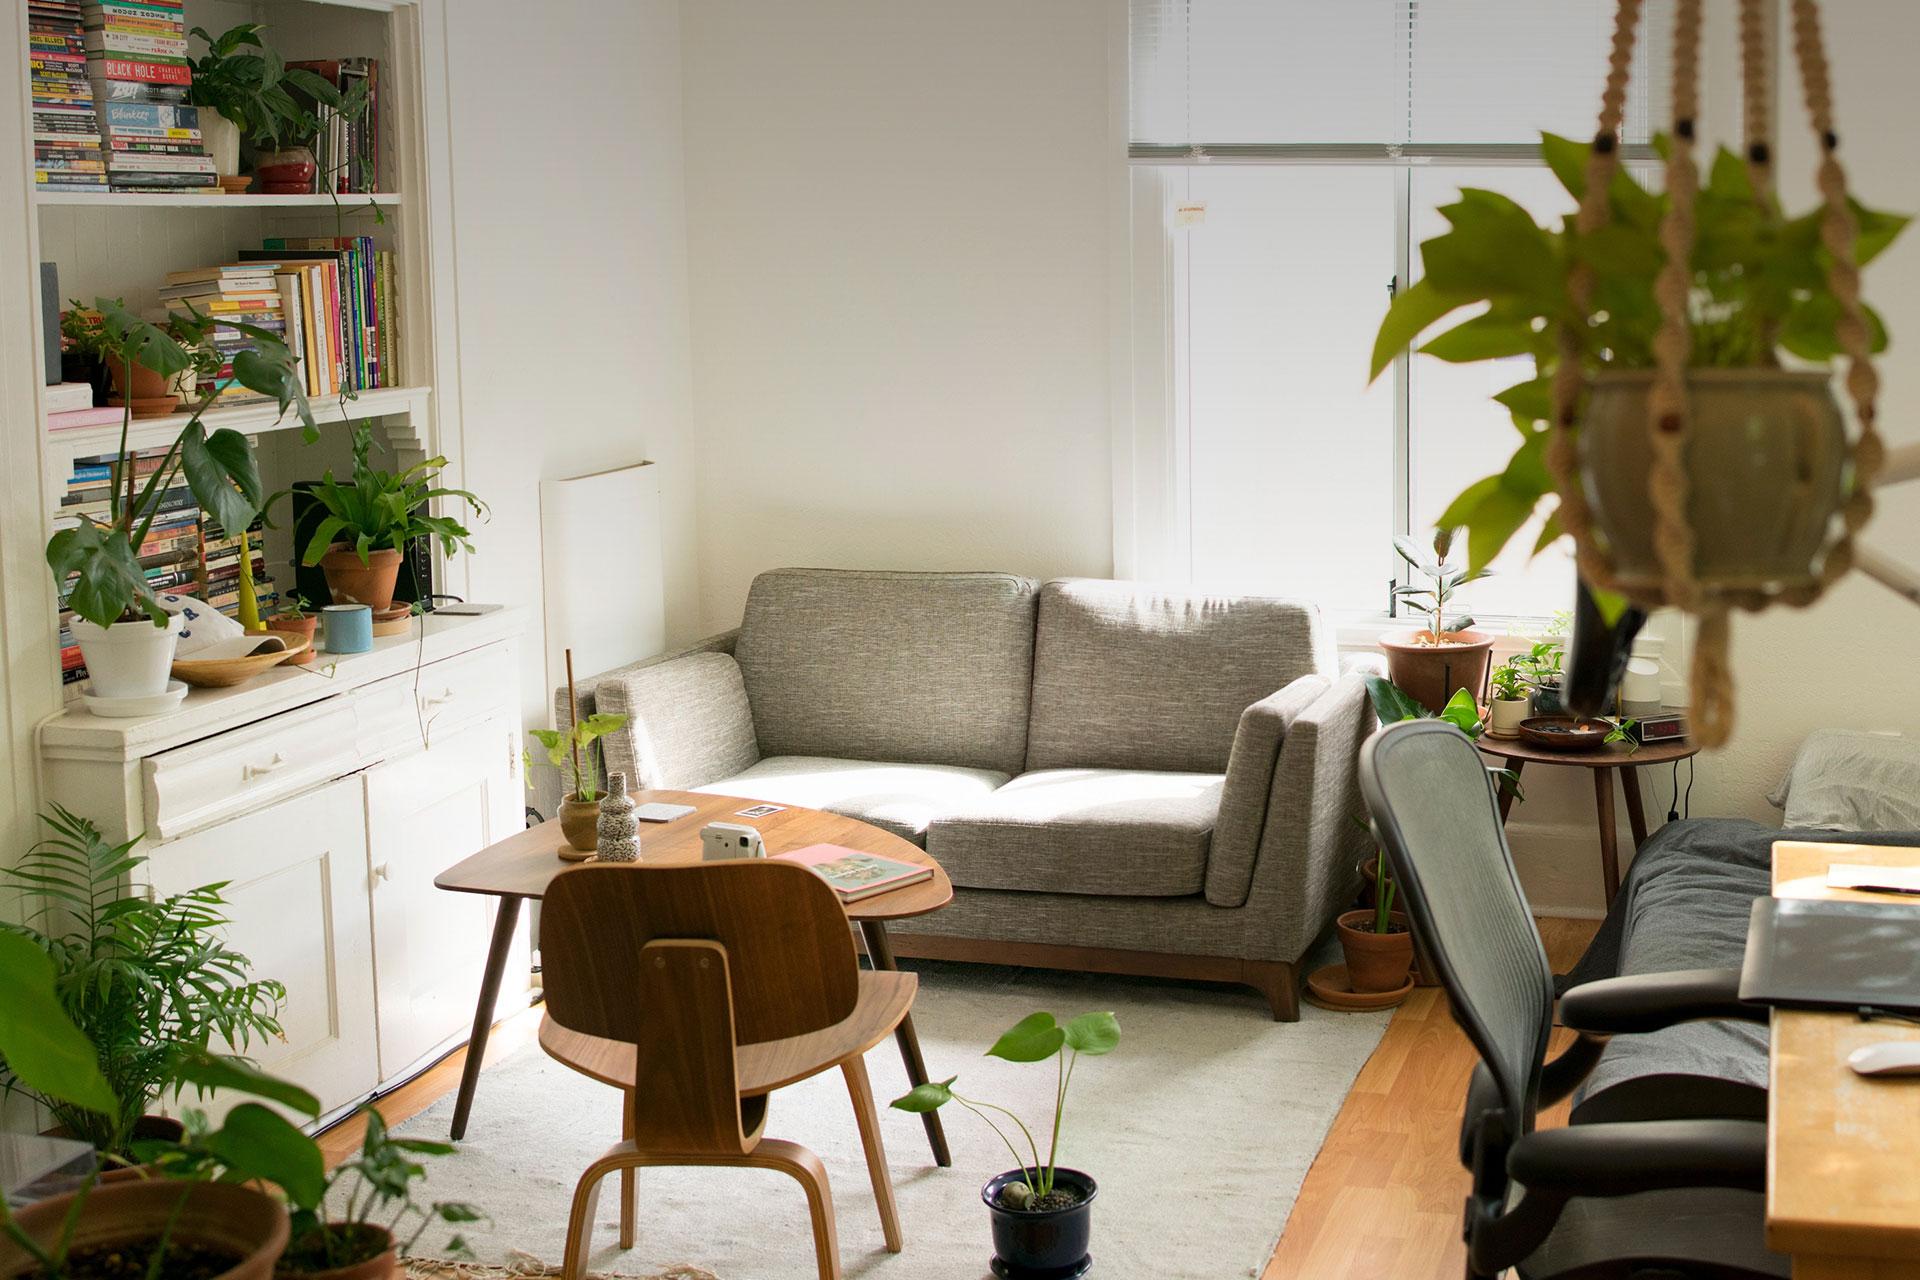 Inside an apartment